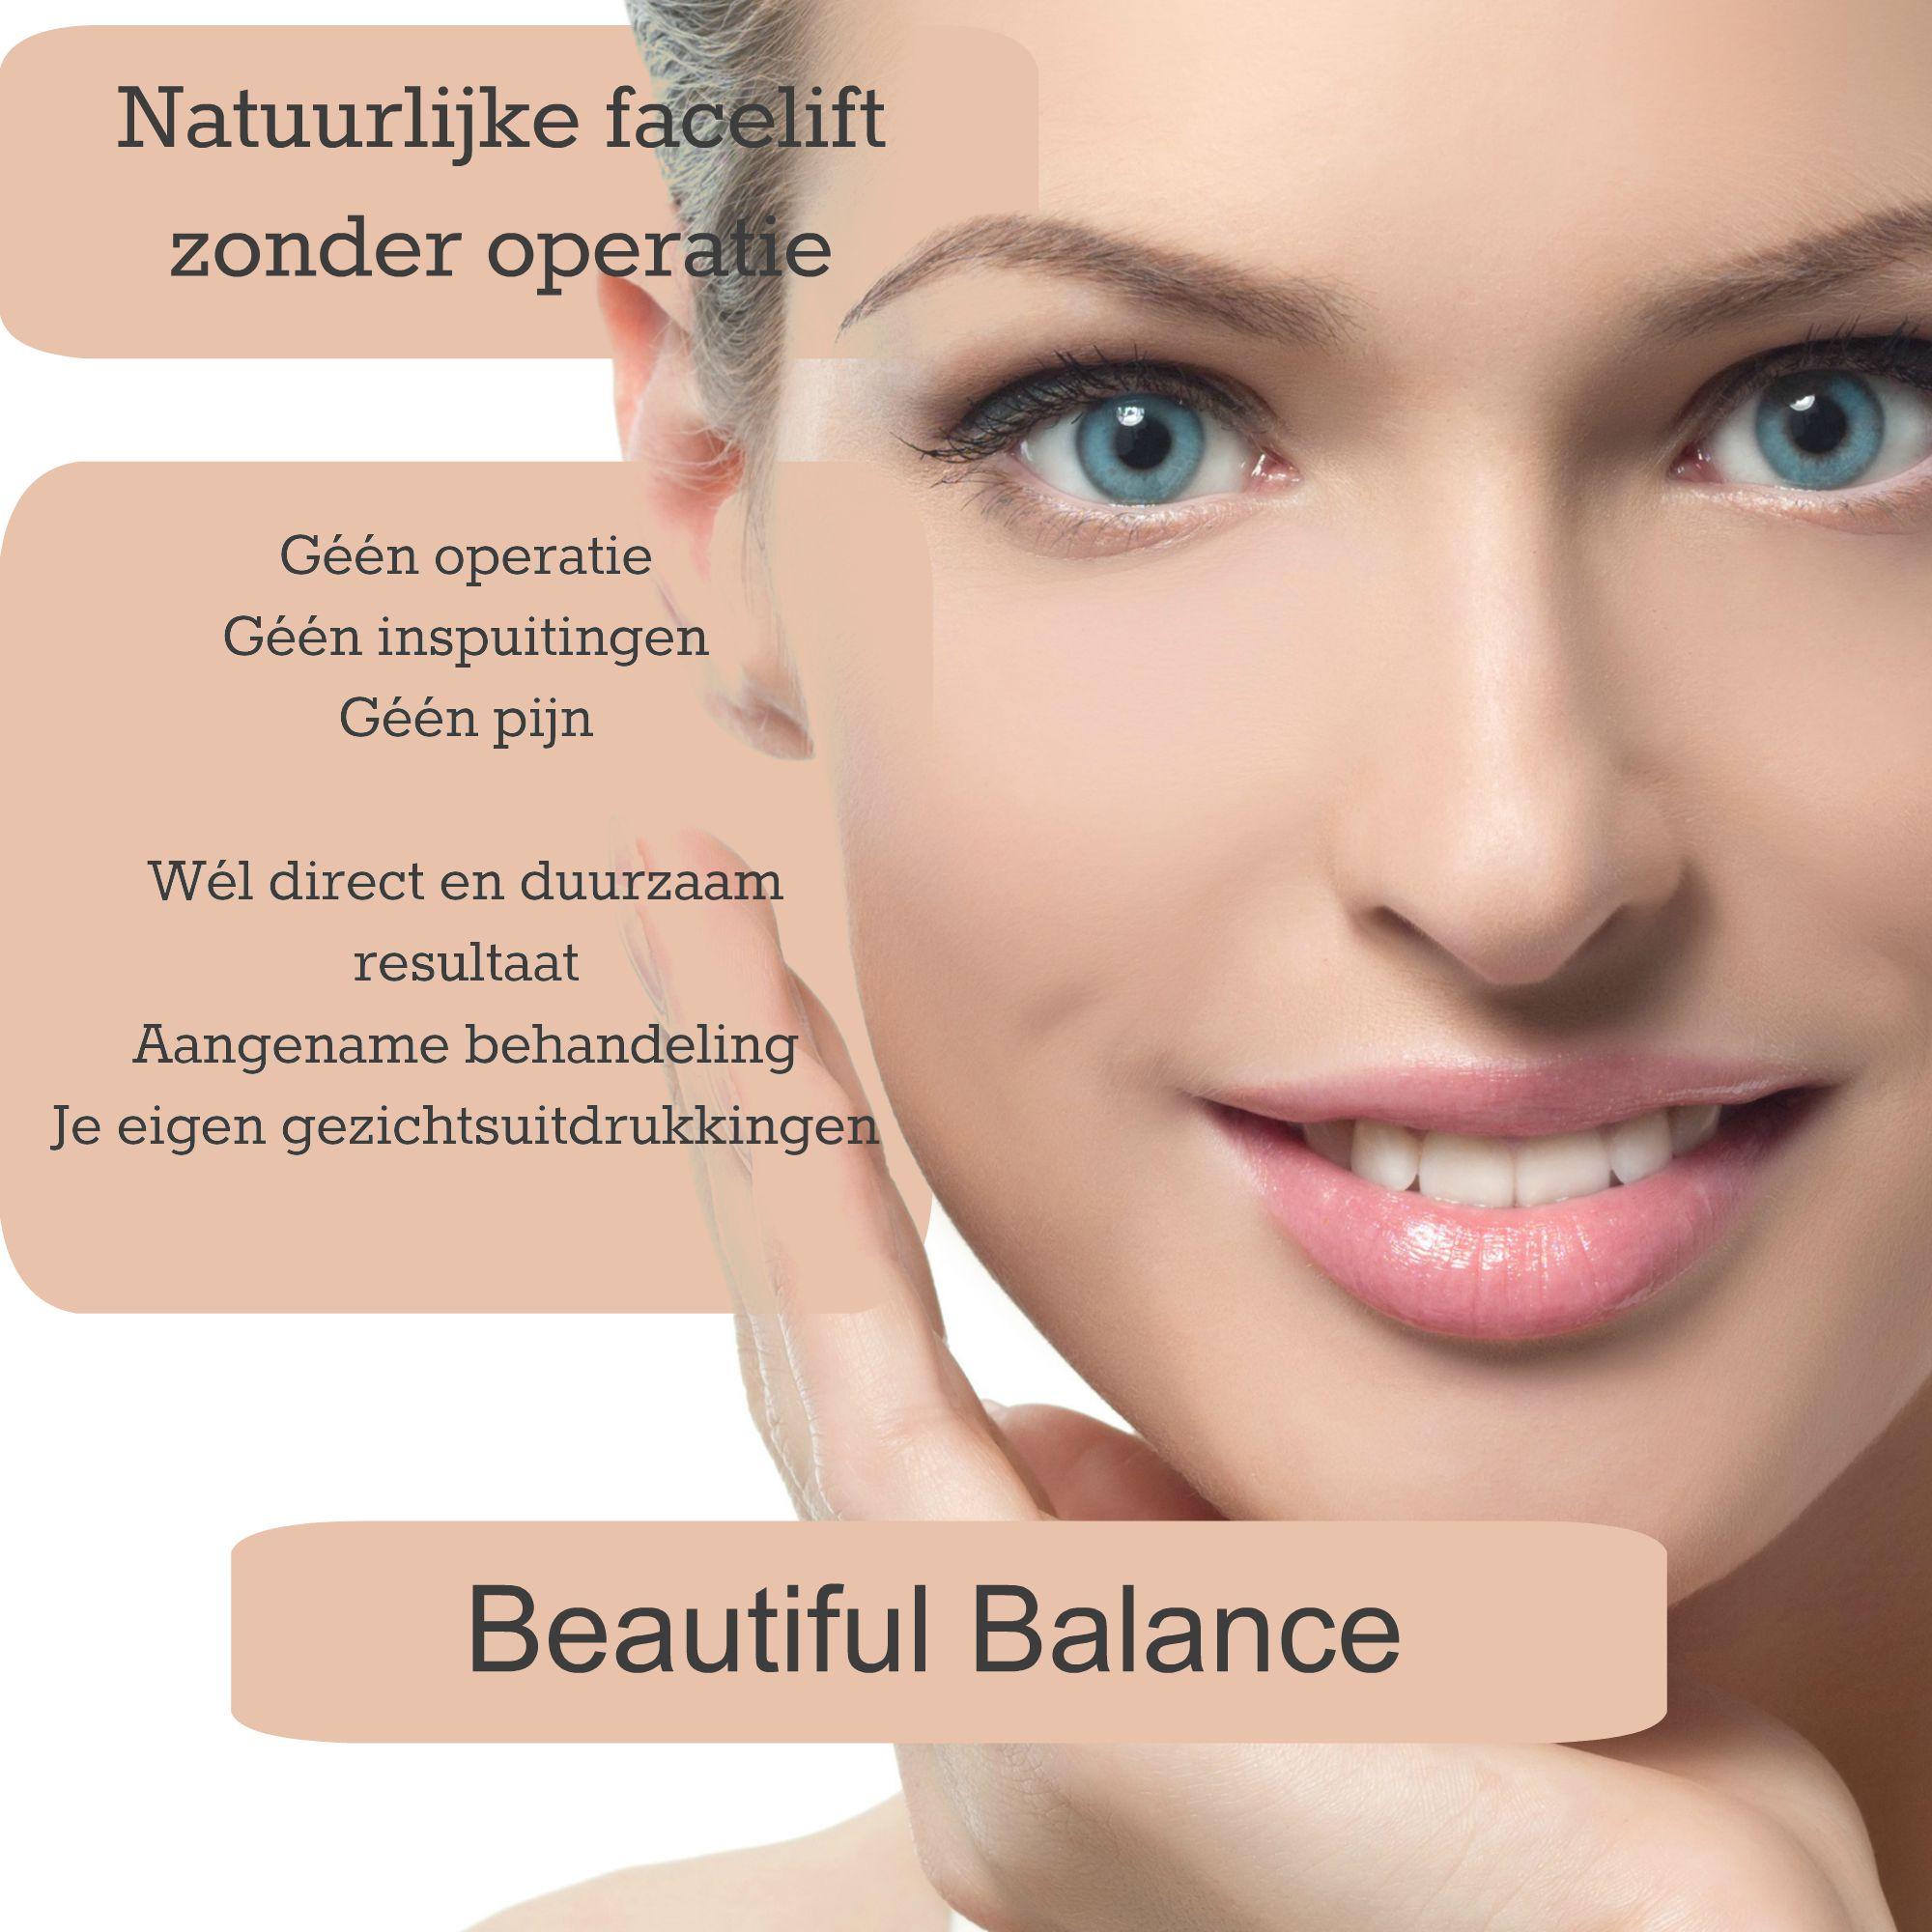 natuurlijke facelift zonder operatie